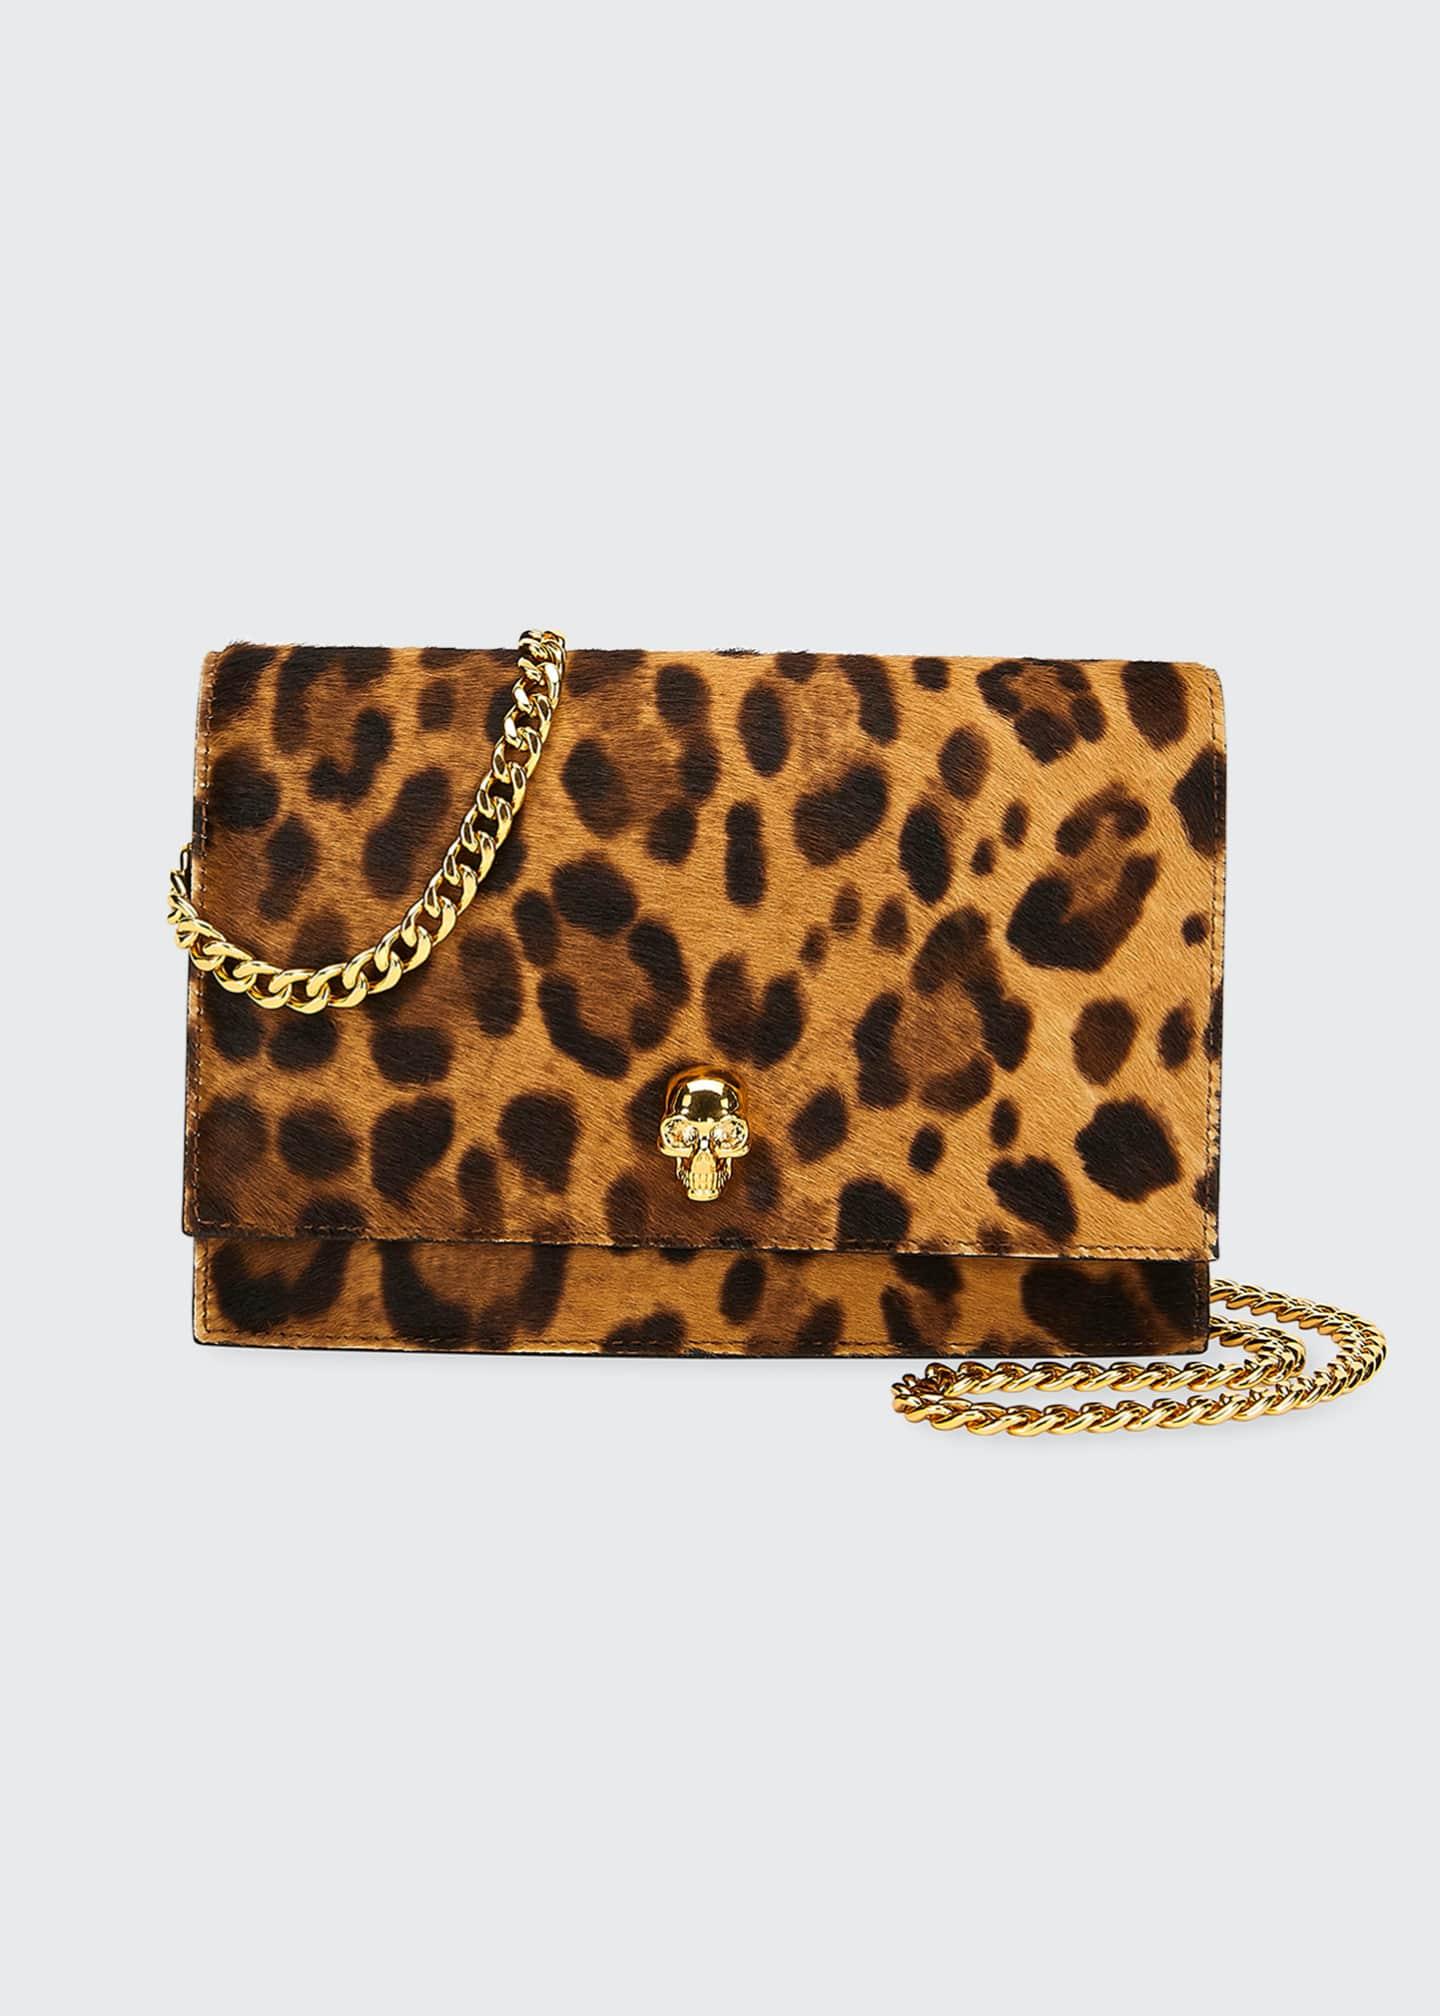 Alexander McQueen Cheetah-Print Mini Shoulder Bag